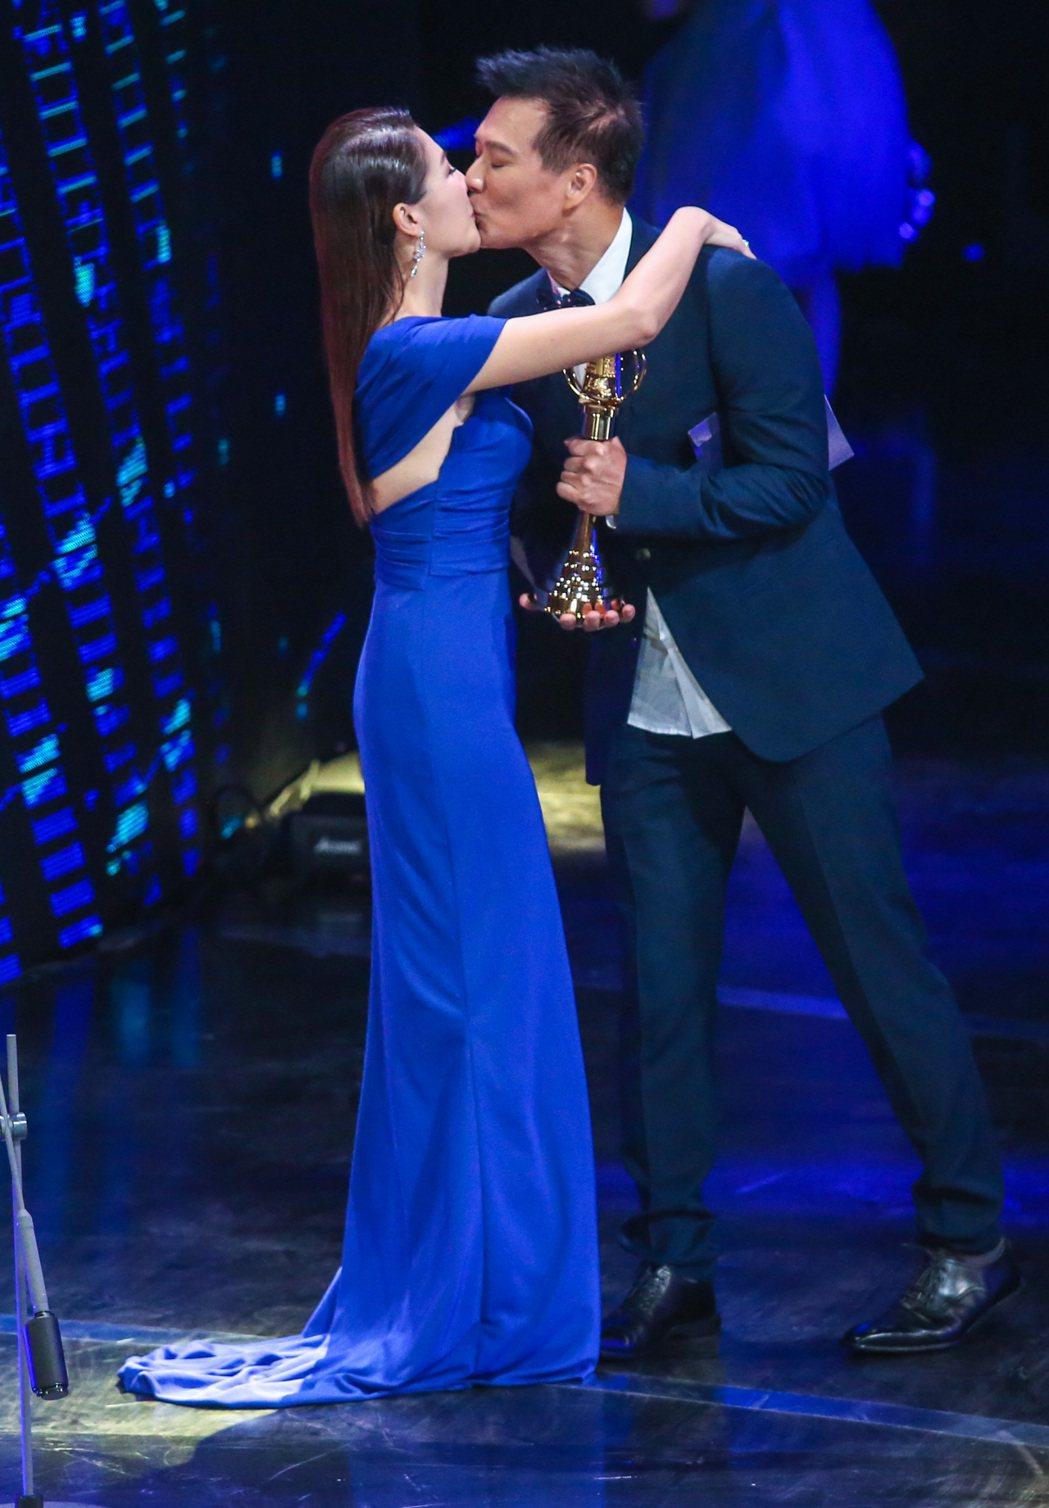 蔡詩萍(右)親吻老婆林書煒(左)。記者鄭清元/攝影